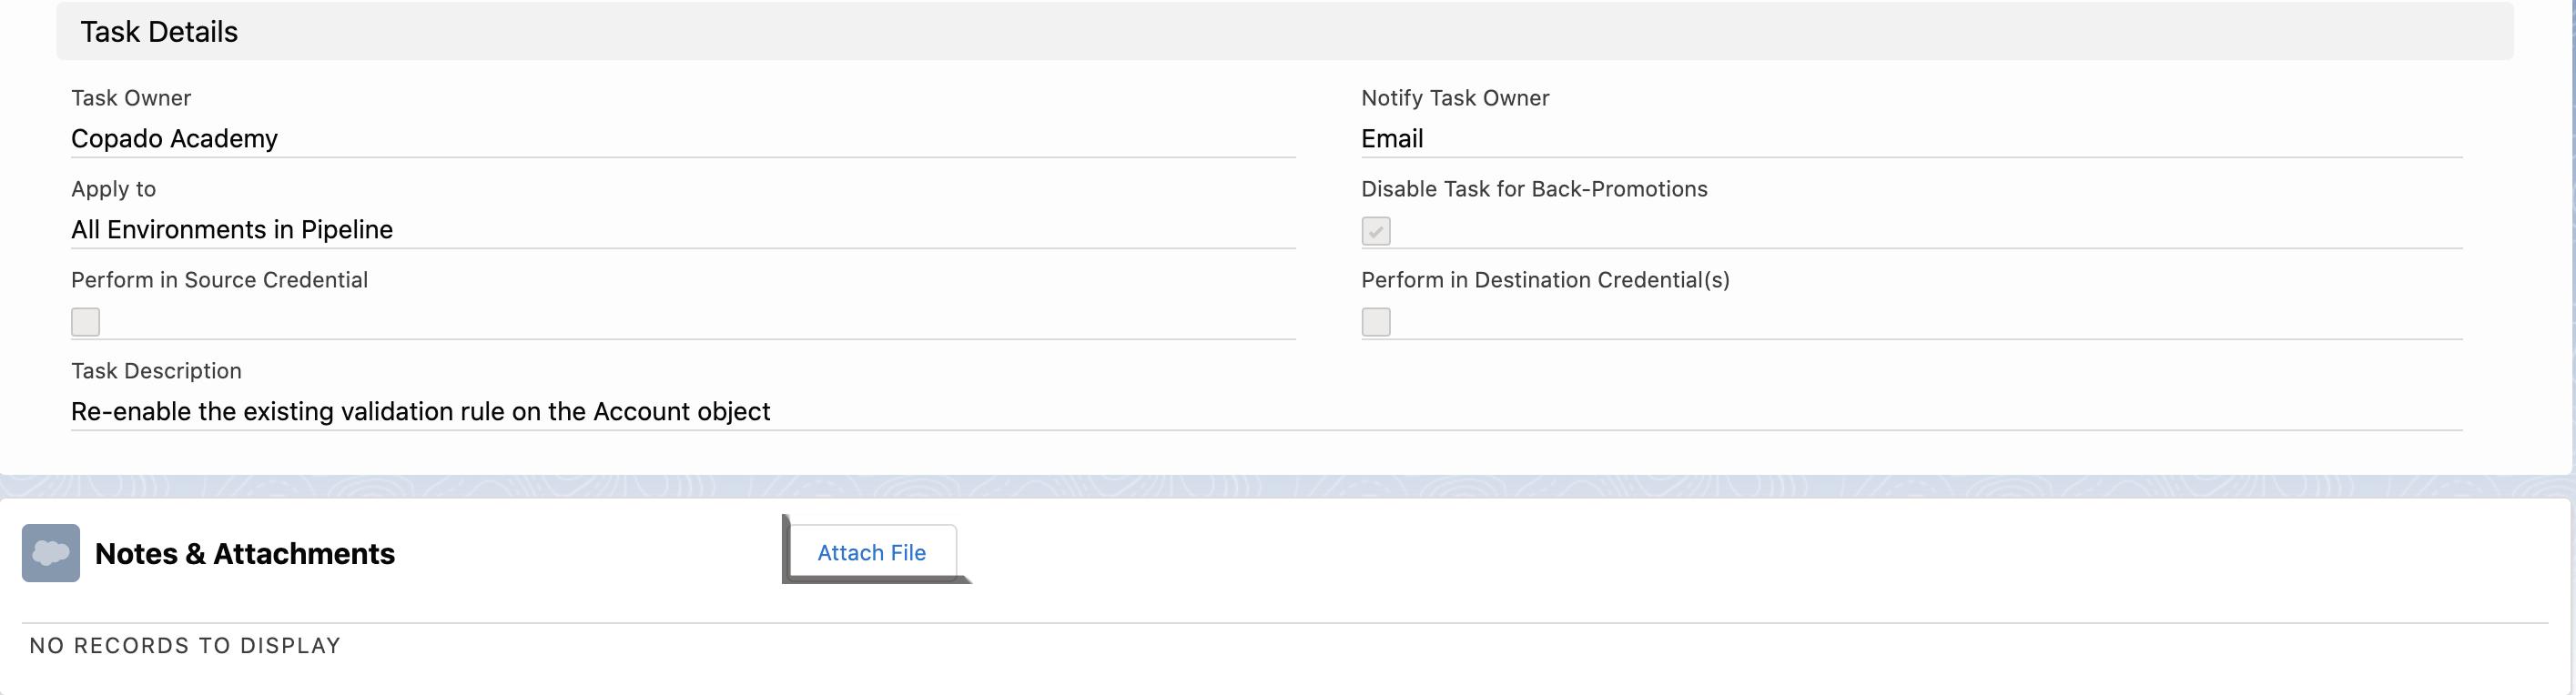 Attach File option